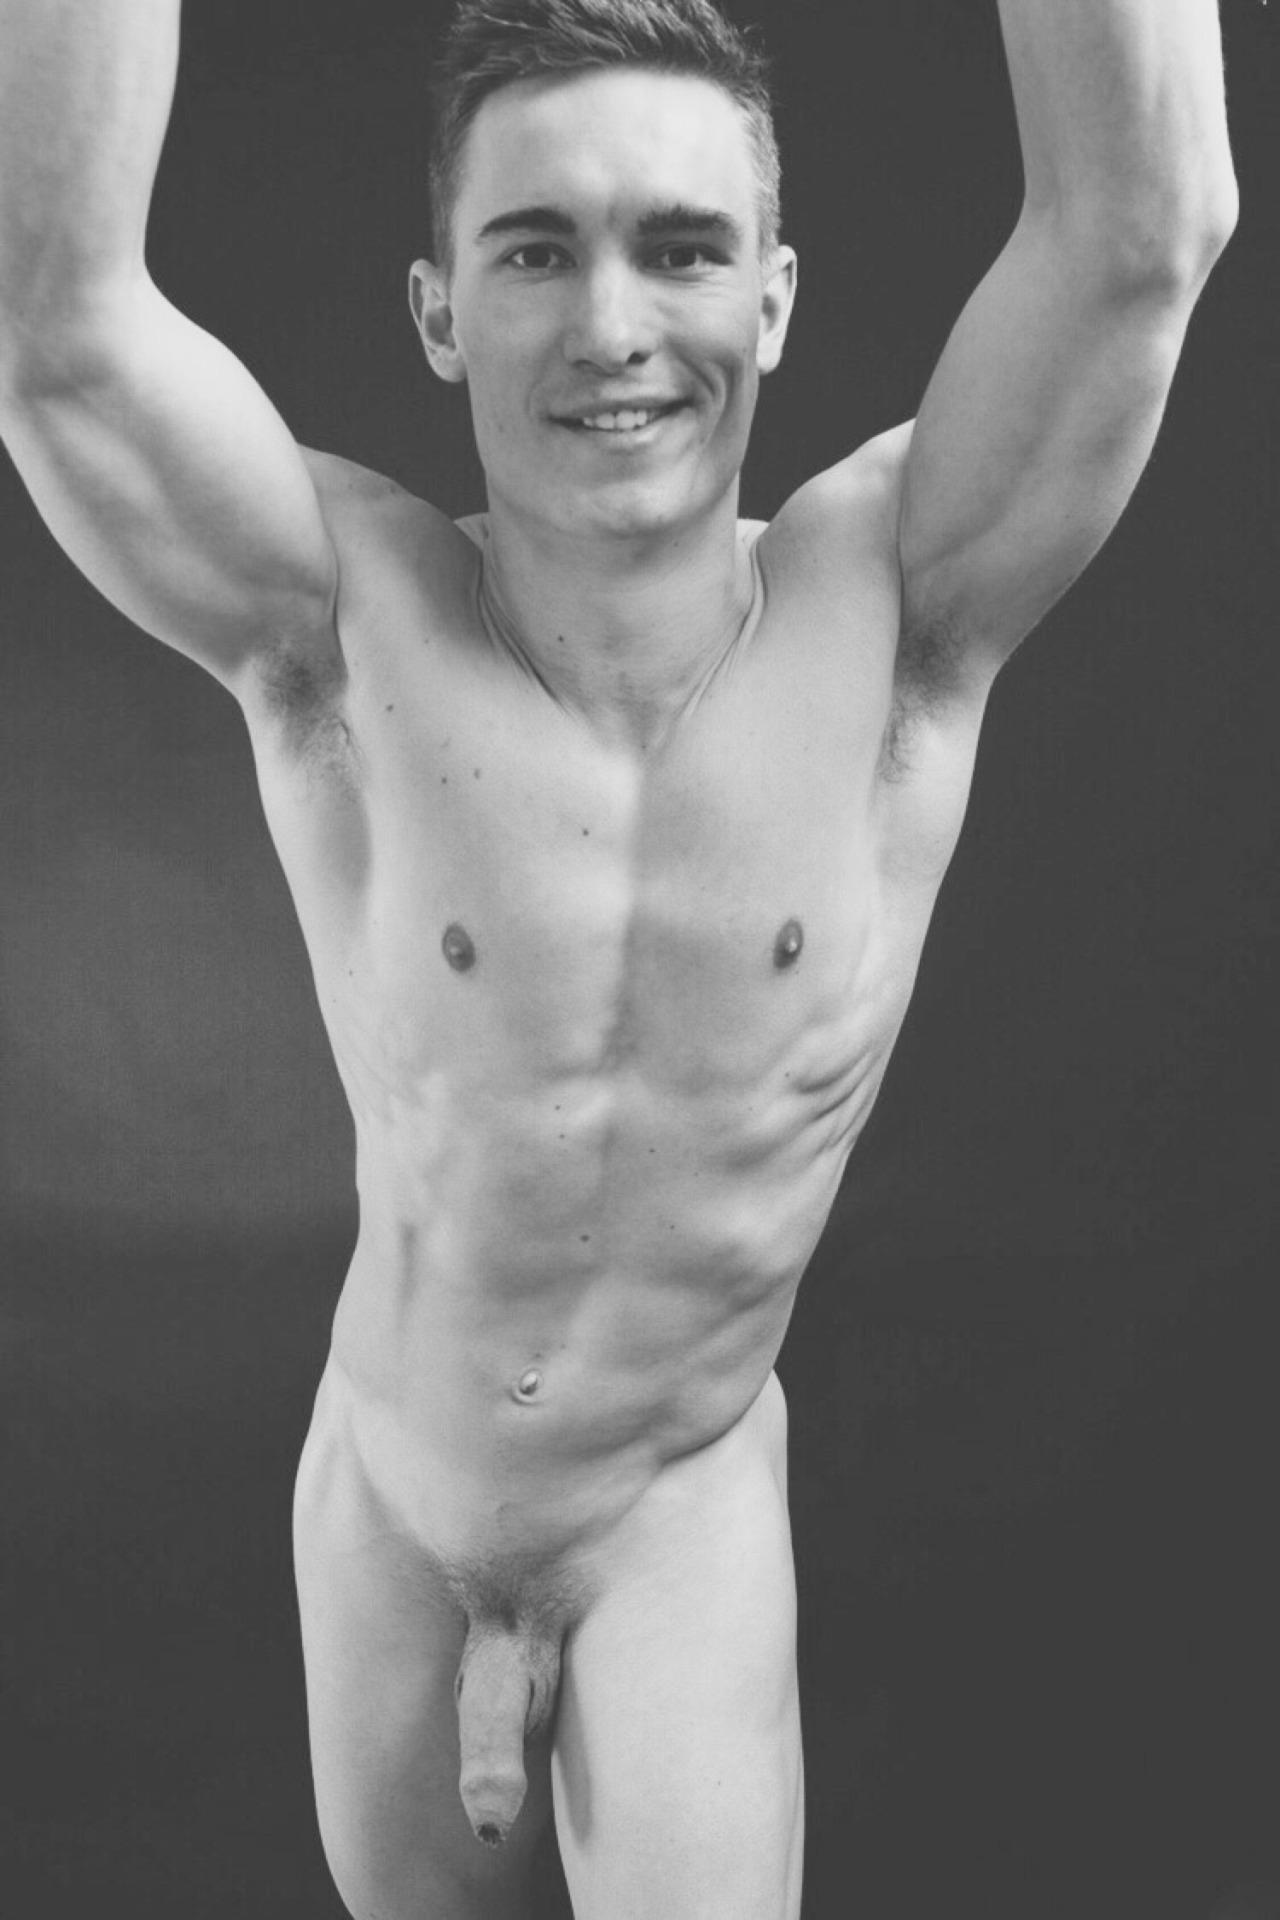 Photo d'un homme nu de 23 ans souriant et imberbe